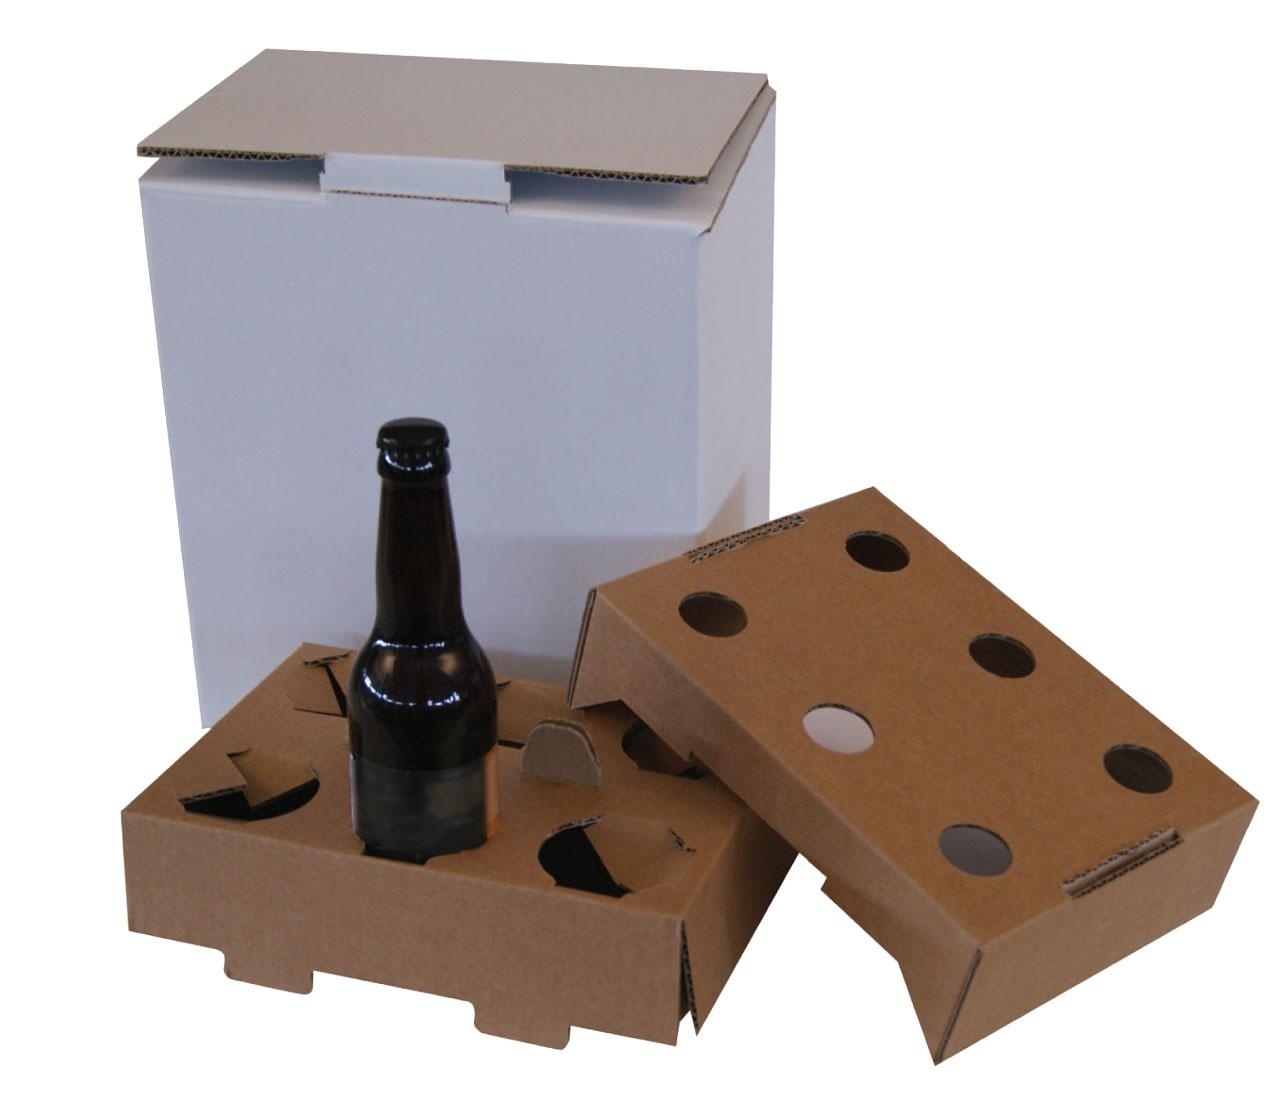 Caisse carton avec Calage pour bouteilles de bière